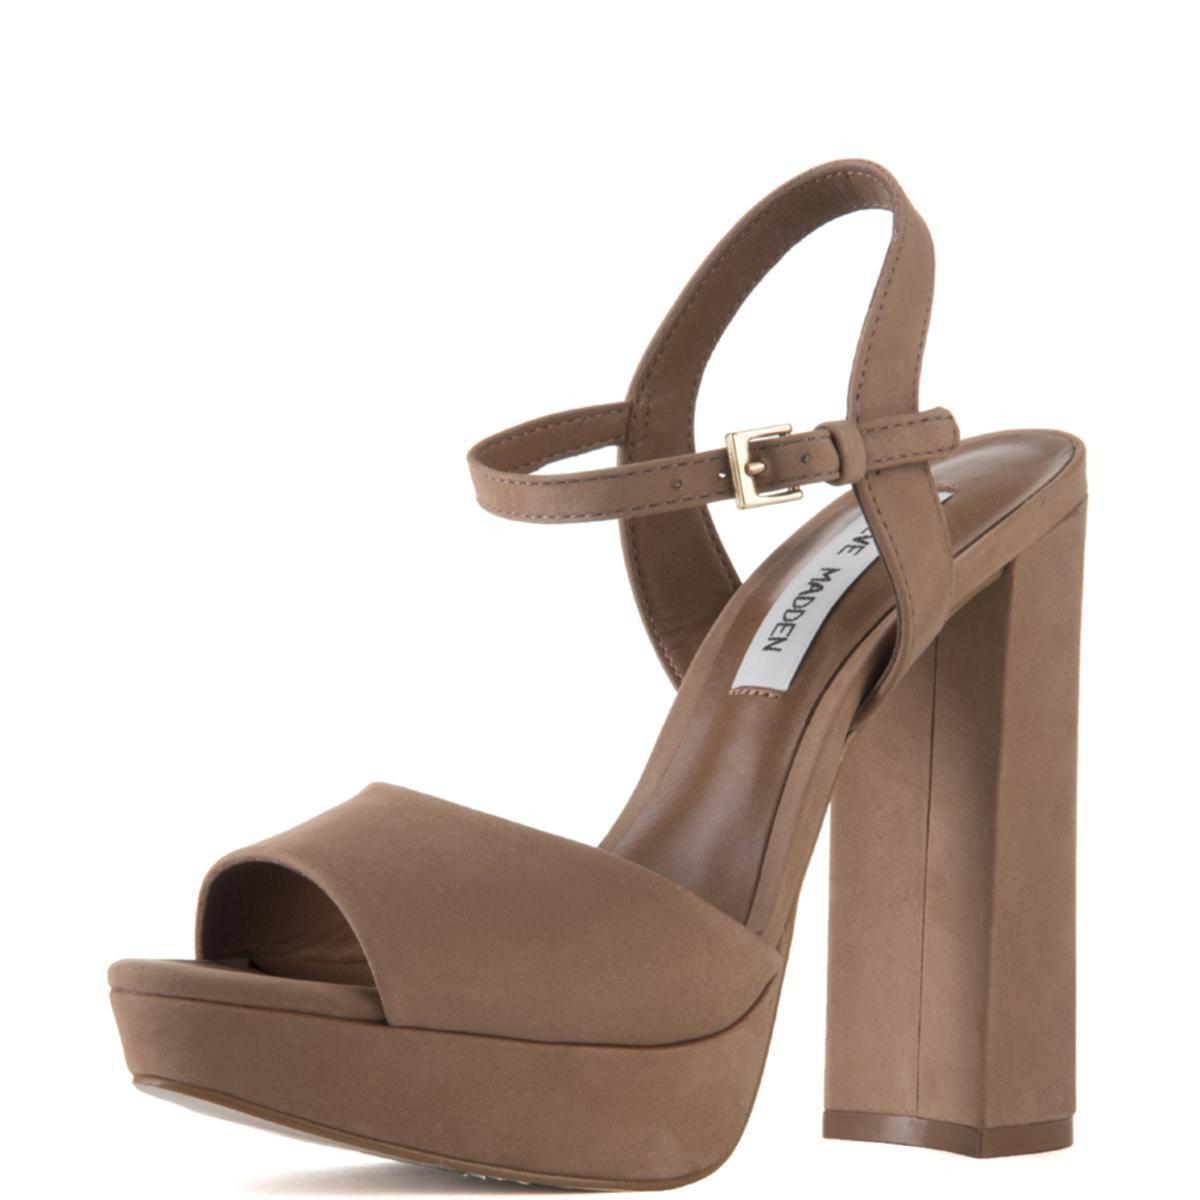 e4f43136c9e Women's Kierra Camel Platform Heels